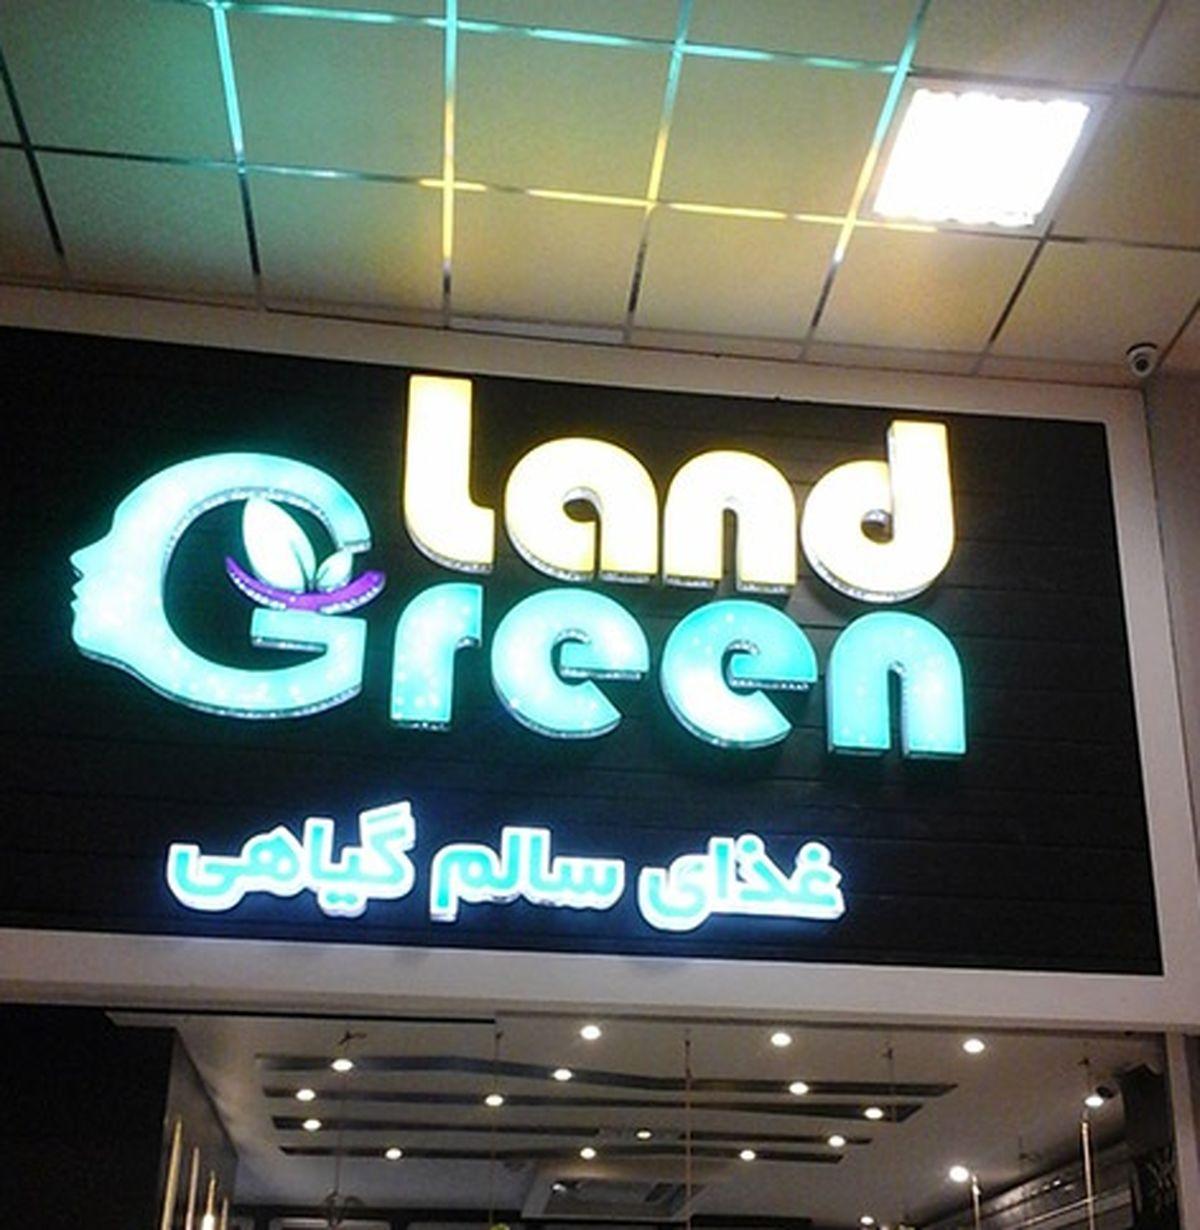 فست فود گرینلند تهران؛ مکانی برای گیاه خواران